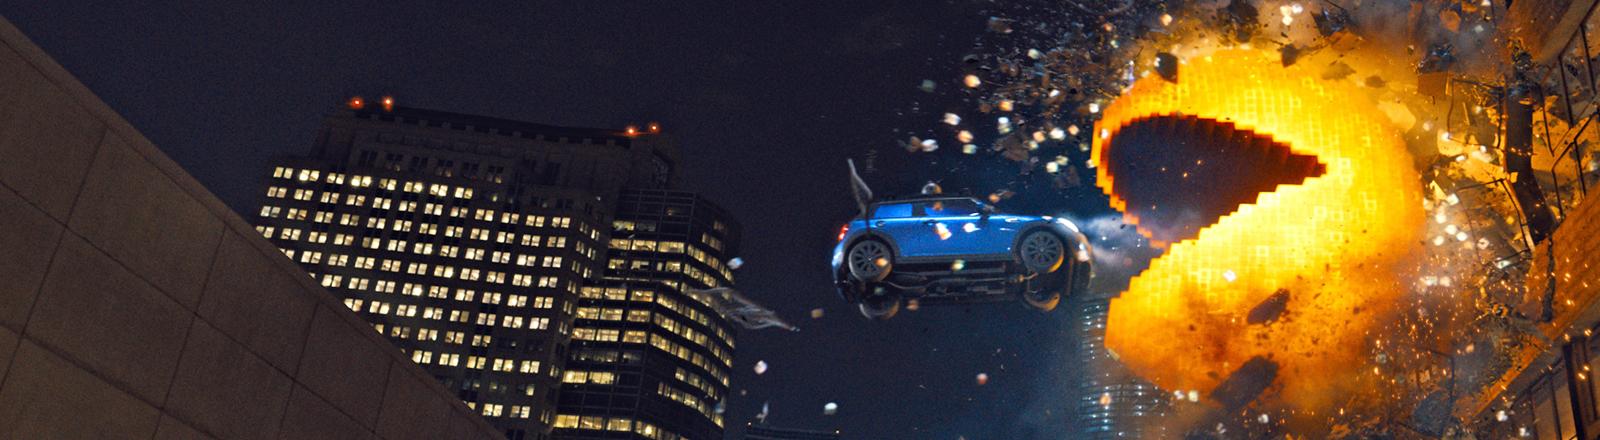 Pac-Man in einer Szene des Films Pixels.